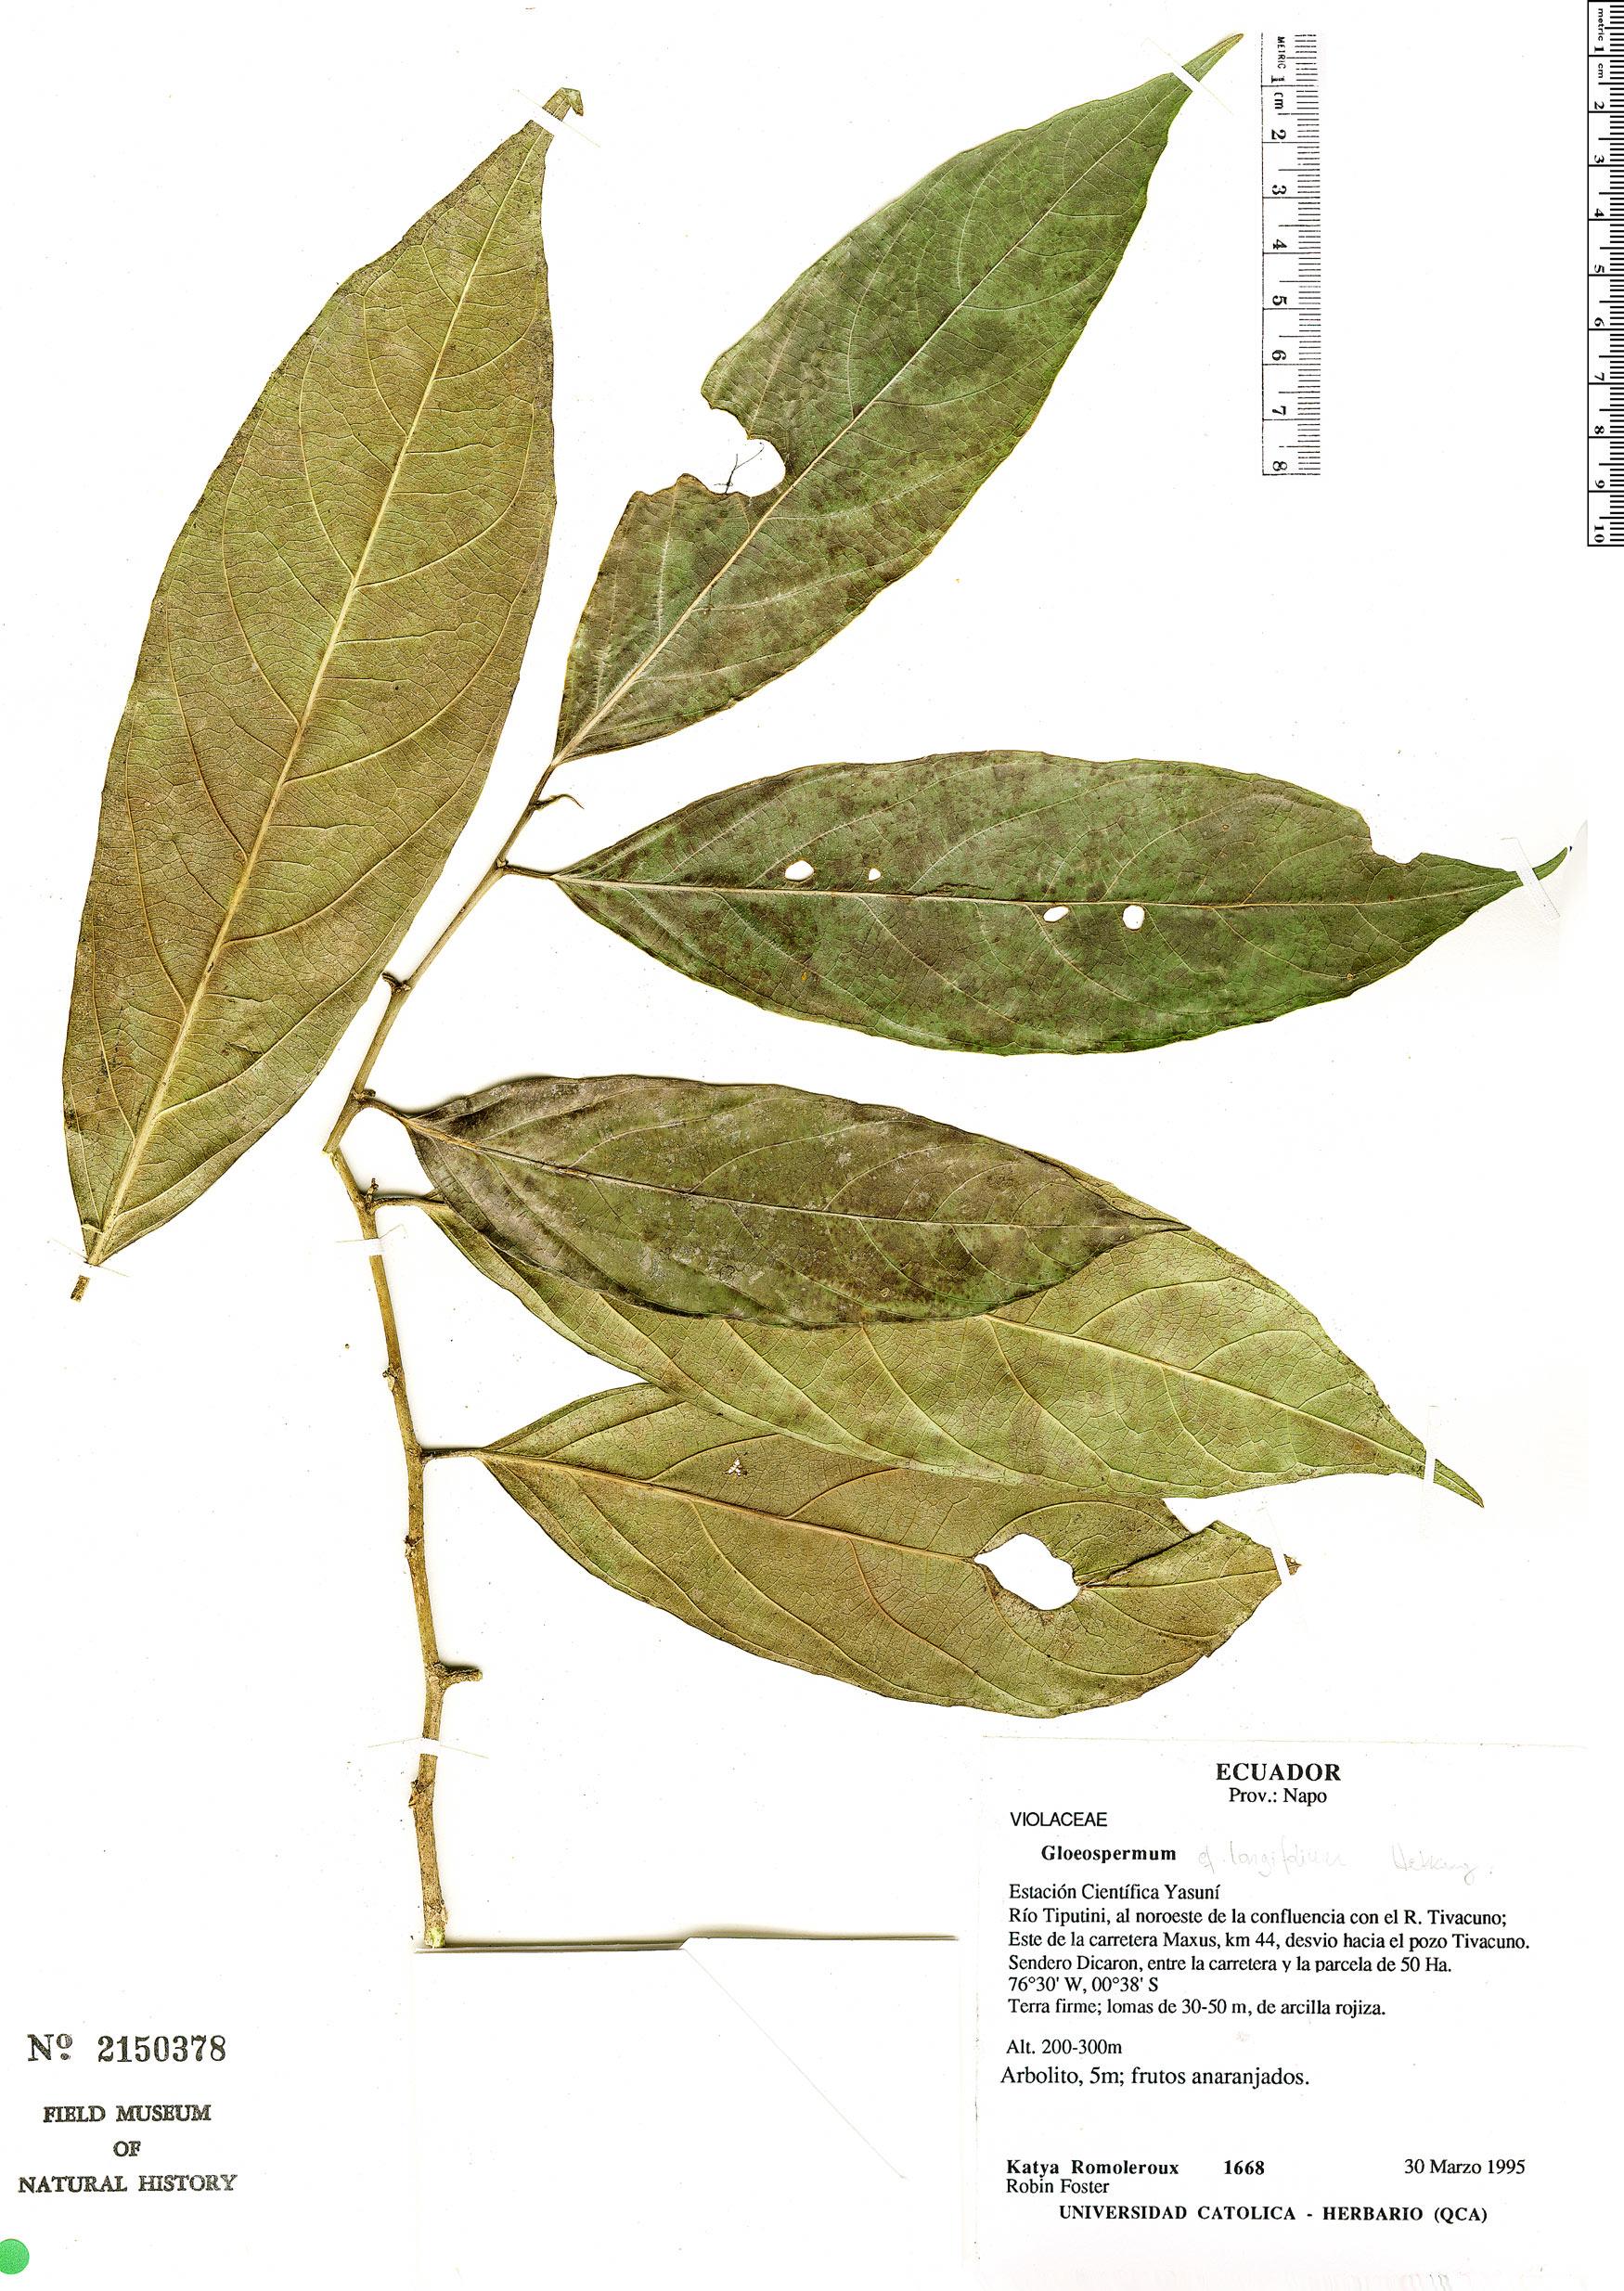 Specimen: Gloeospermum longifolium